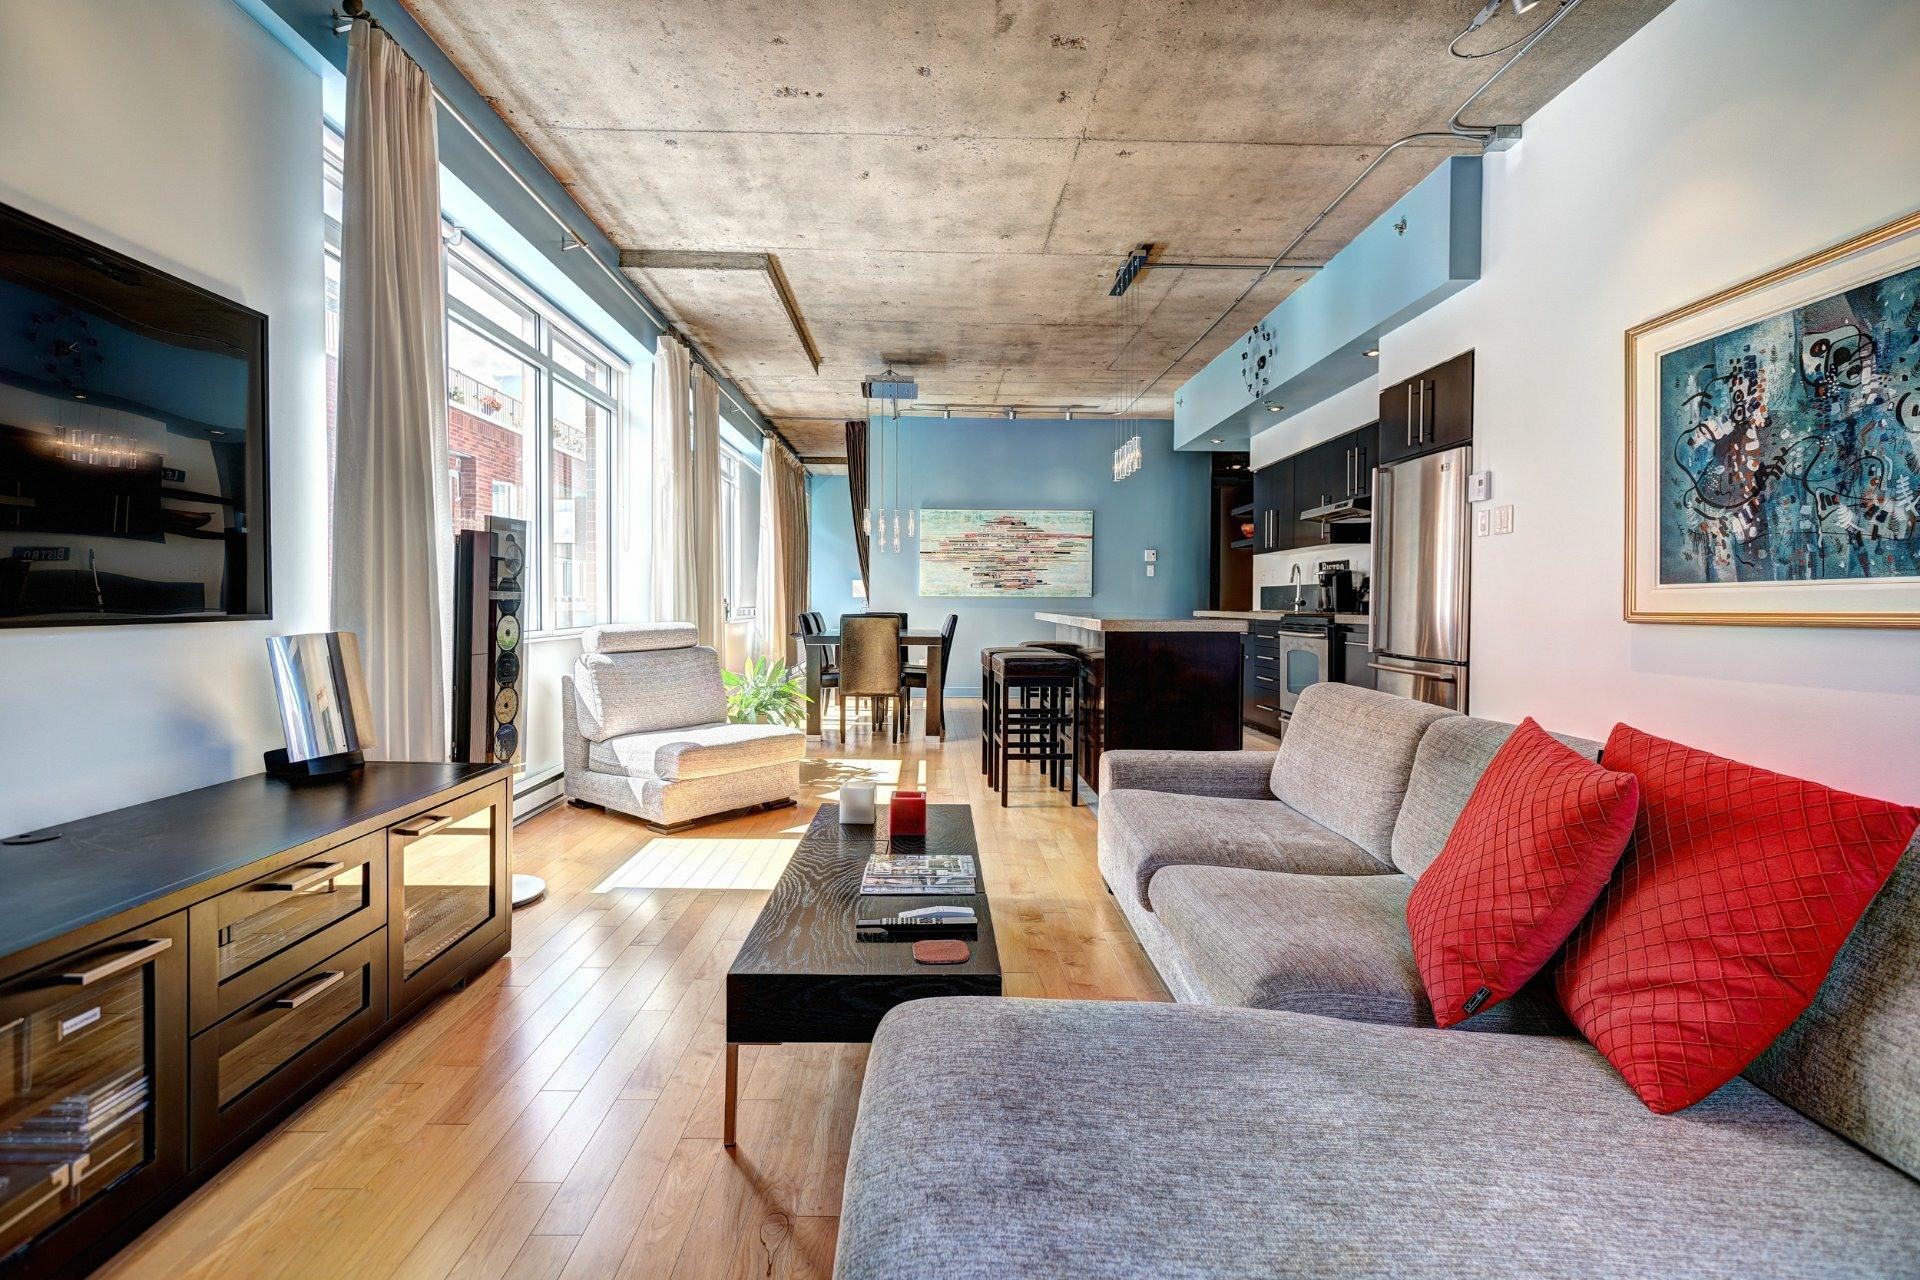 image 1 - Appartement À louer Villeray/Saint-Michel/Parc-Extension Montréal  - 8 pièces